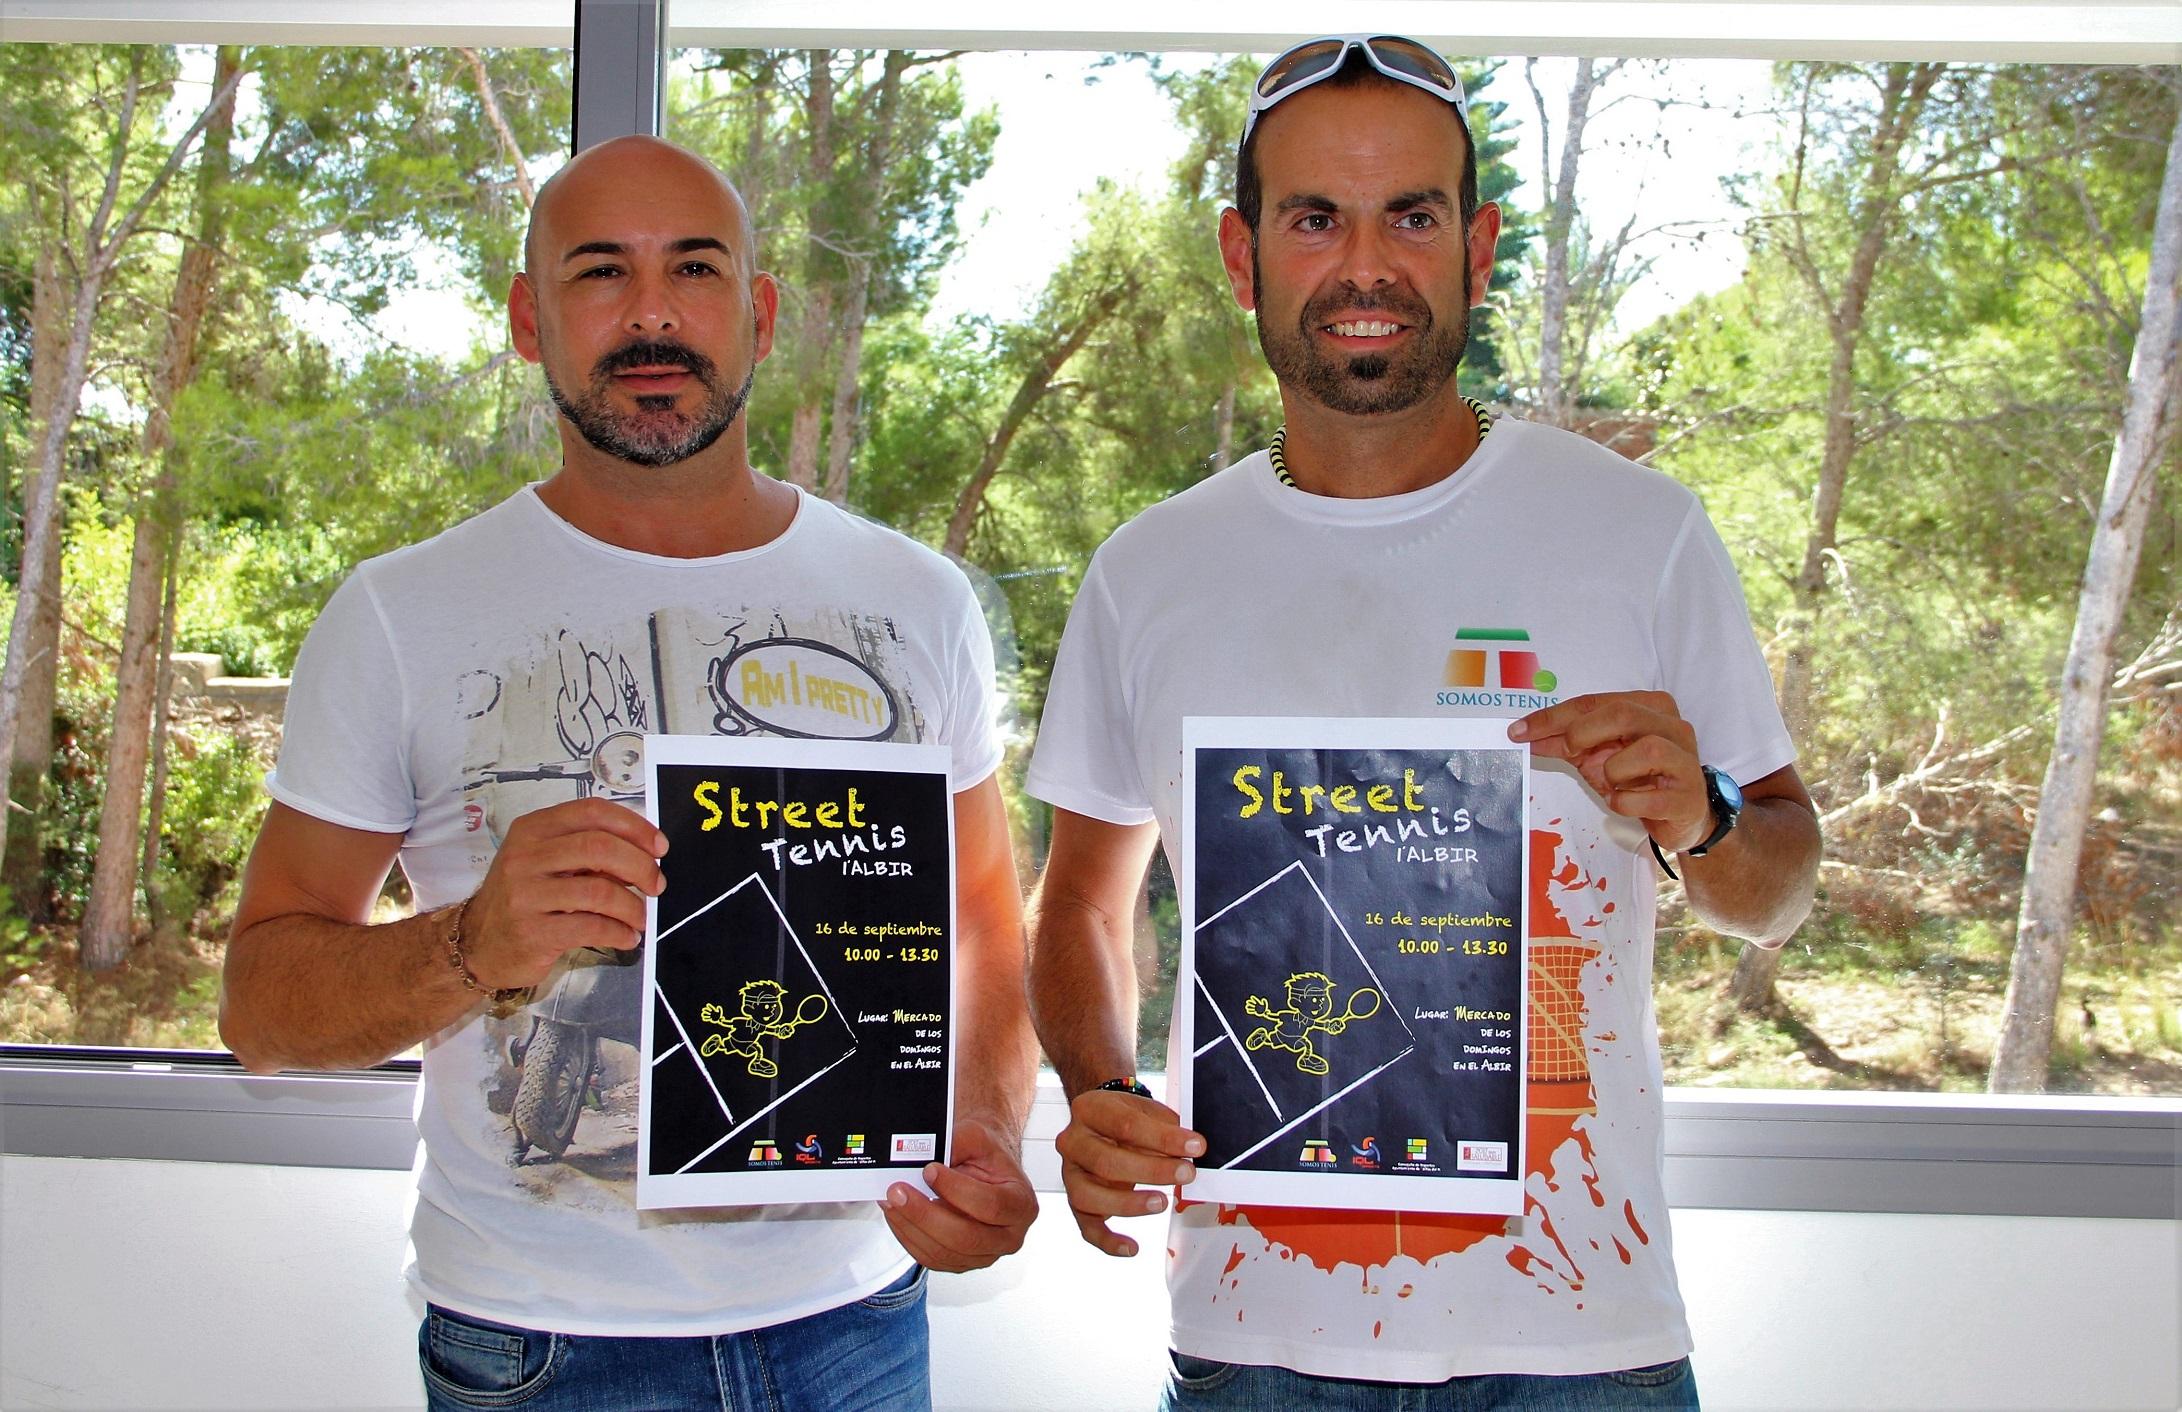 El Albir acoge una jornada de Street Tennis este sábado.